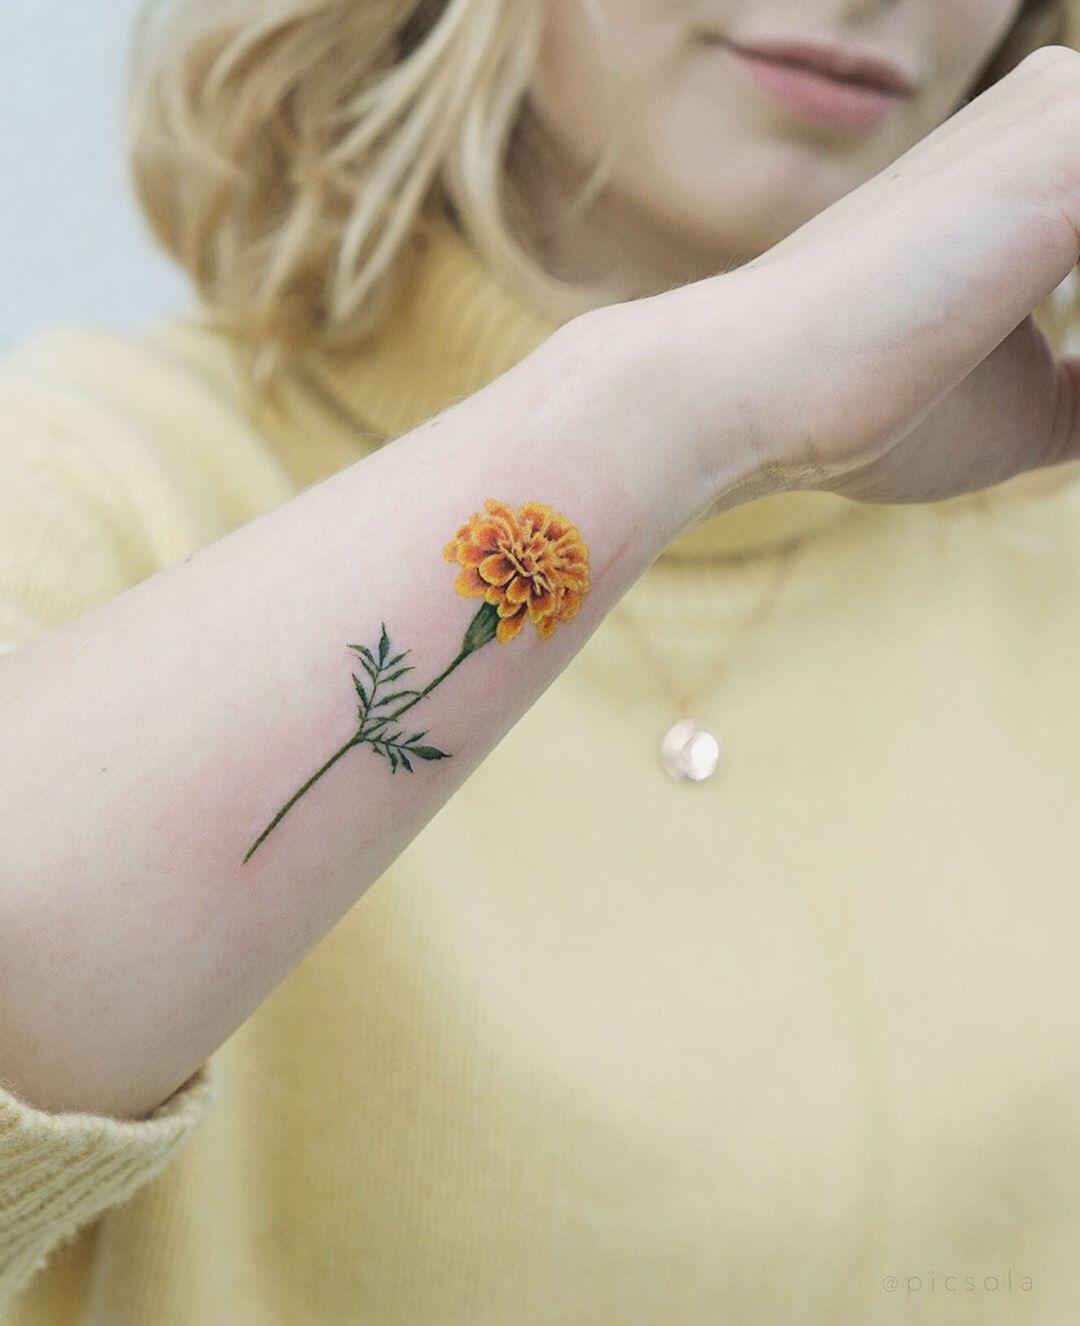 Yellow Marigold tattoo by tattooist picsola